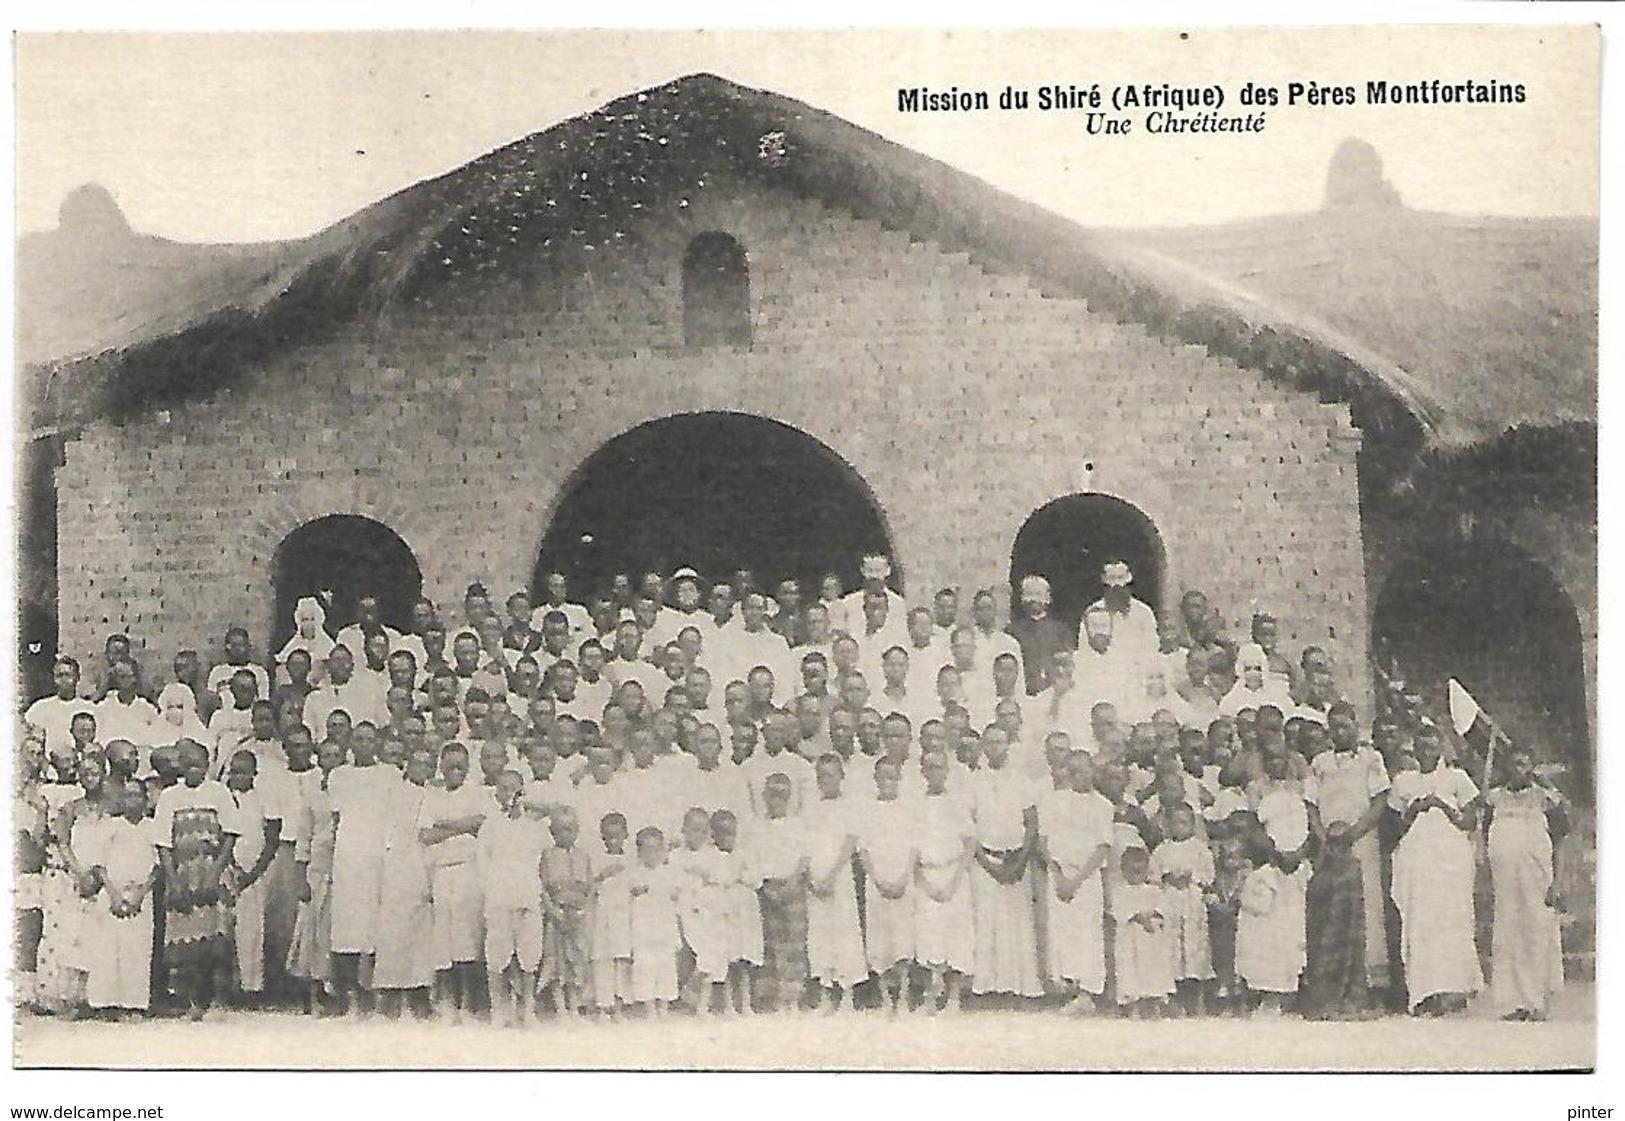 MALAWI - Mission Du Shiré Des Pères Montfortains - Une Chrétienté - Malawi